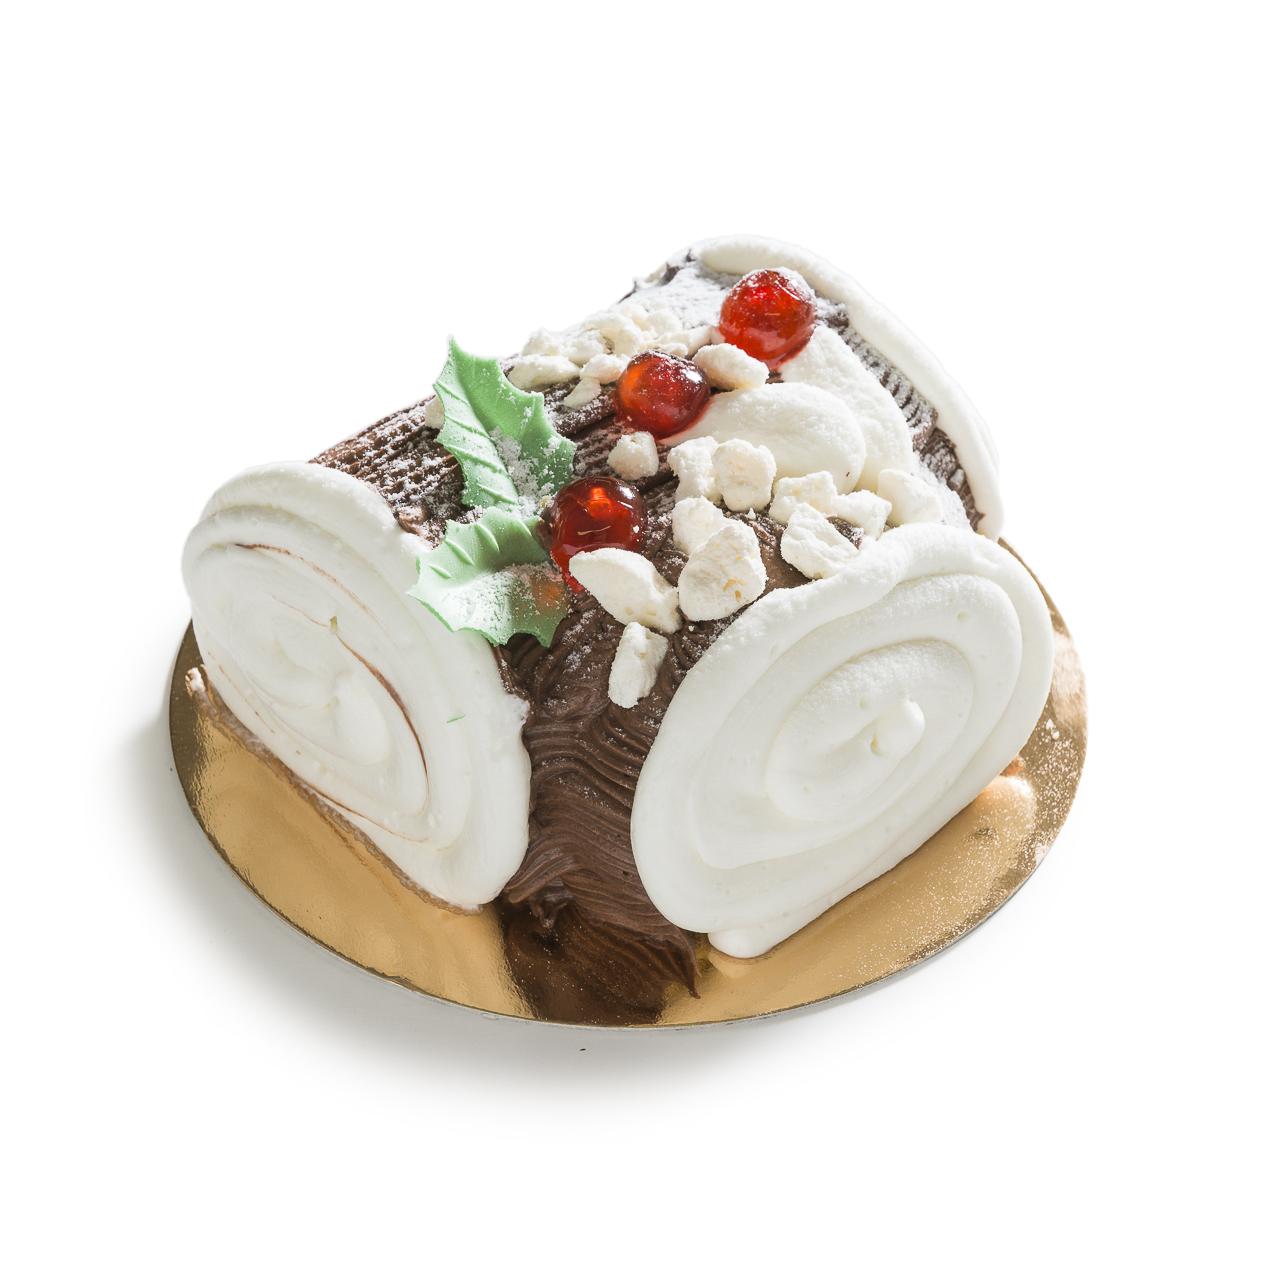 Tronchetto Bianco Di Natale.Tronchetto Di Natale Bianco 550 G Erlacher Alta Pasticceria